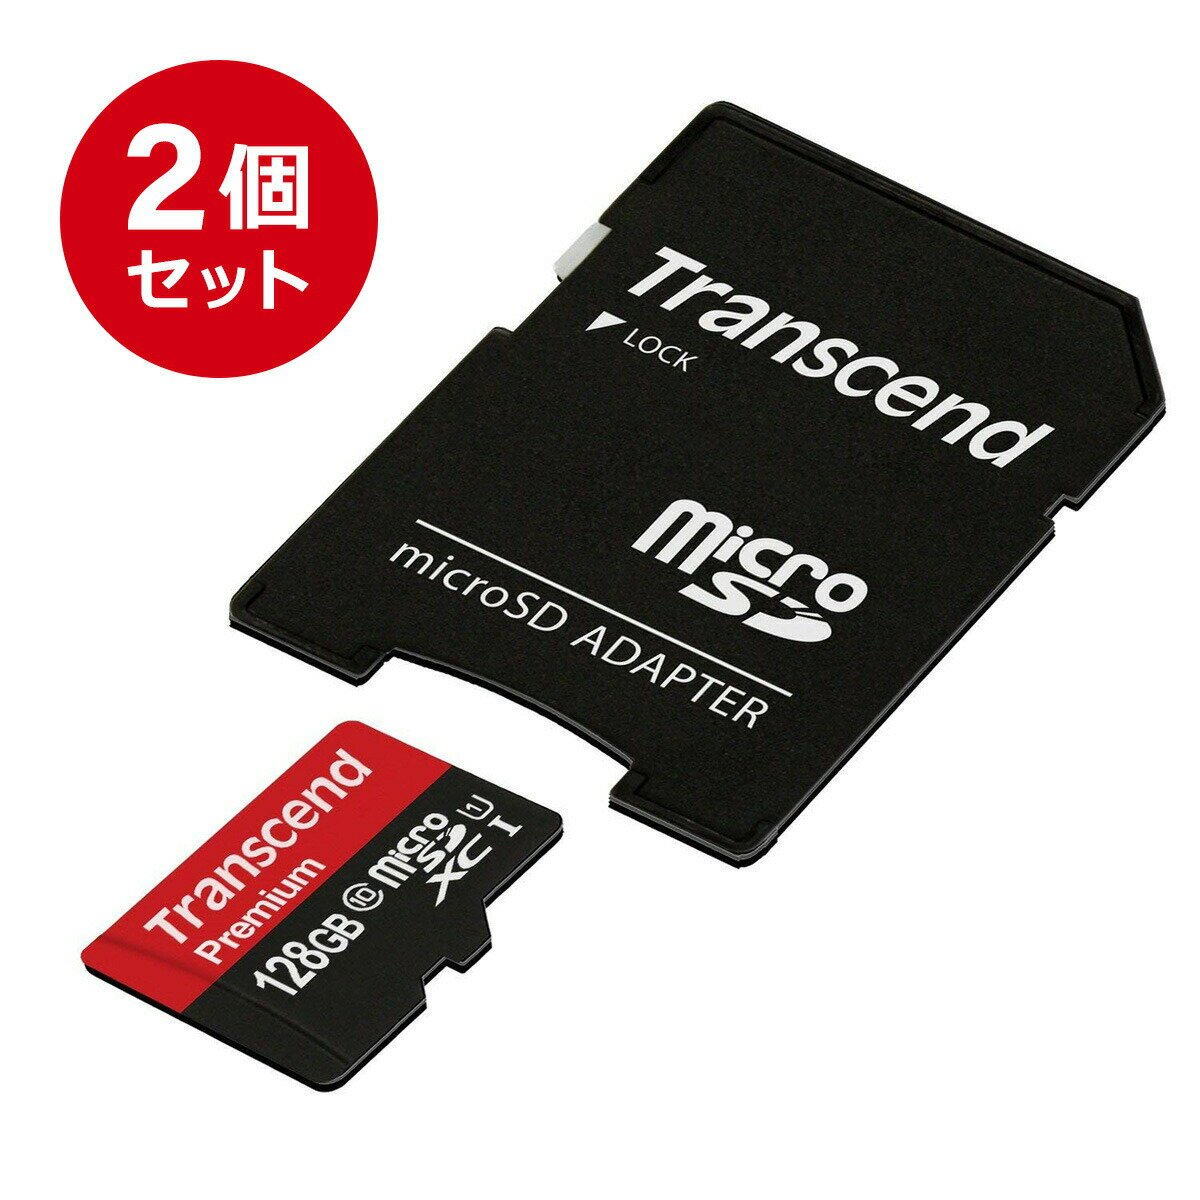 【4月25日値下げしました】【まとめ割 2個セット】Transcend microSDカード 128GB Class10 UHS-1 5年保証 マイクロSD microSDXC SDアダプタ付 最大転送速度60MB/s 400x クラス10 入学 卒業[TS128GUSDU1]【ネコポス専用】【送料無料】